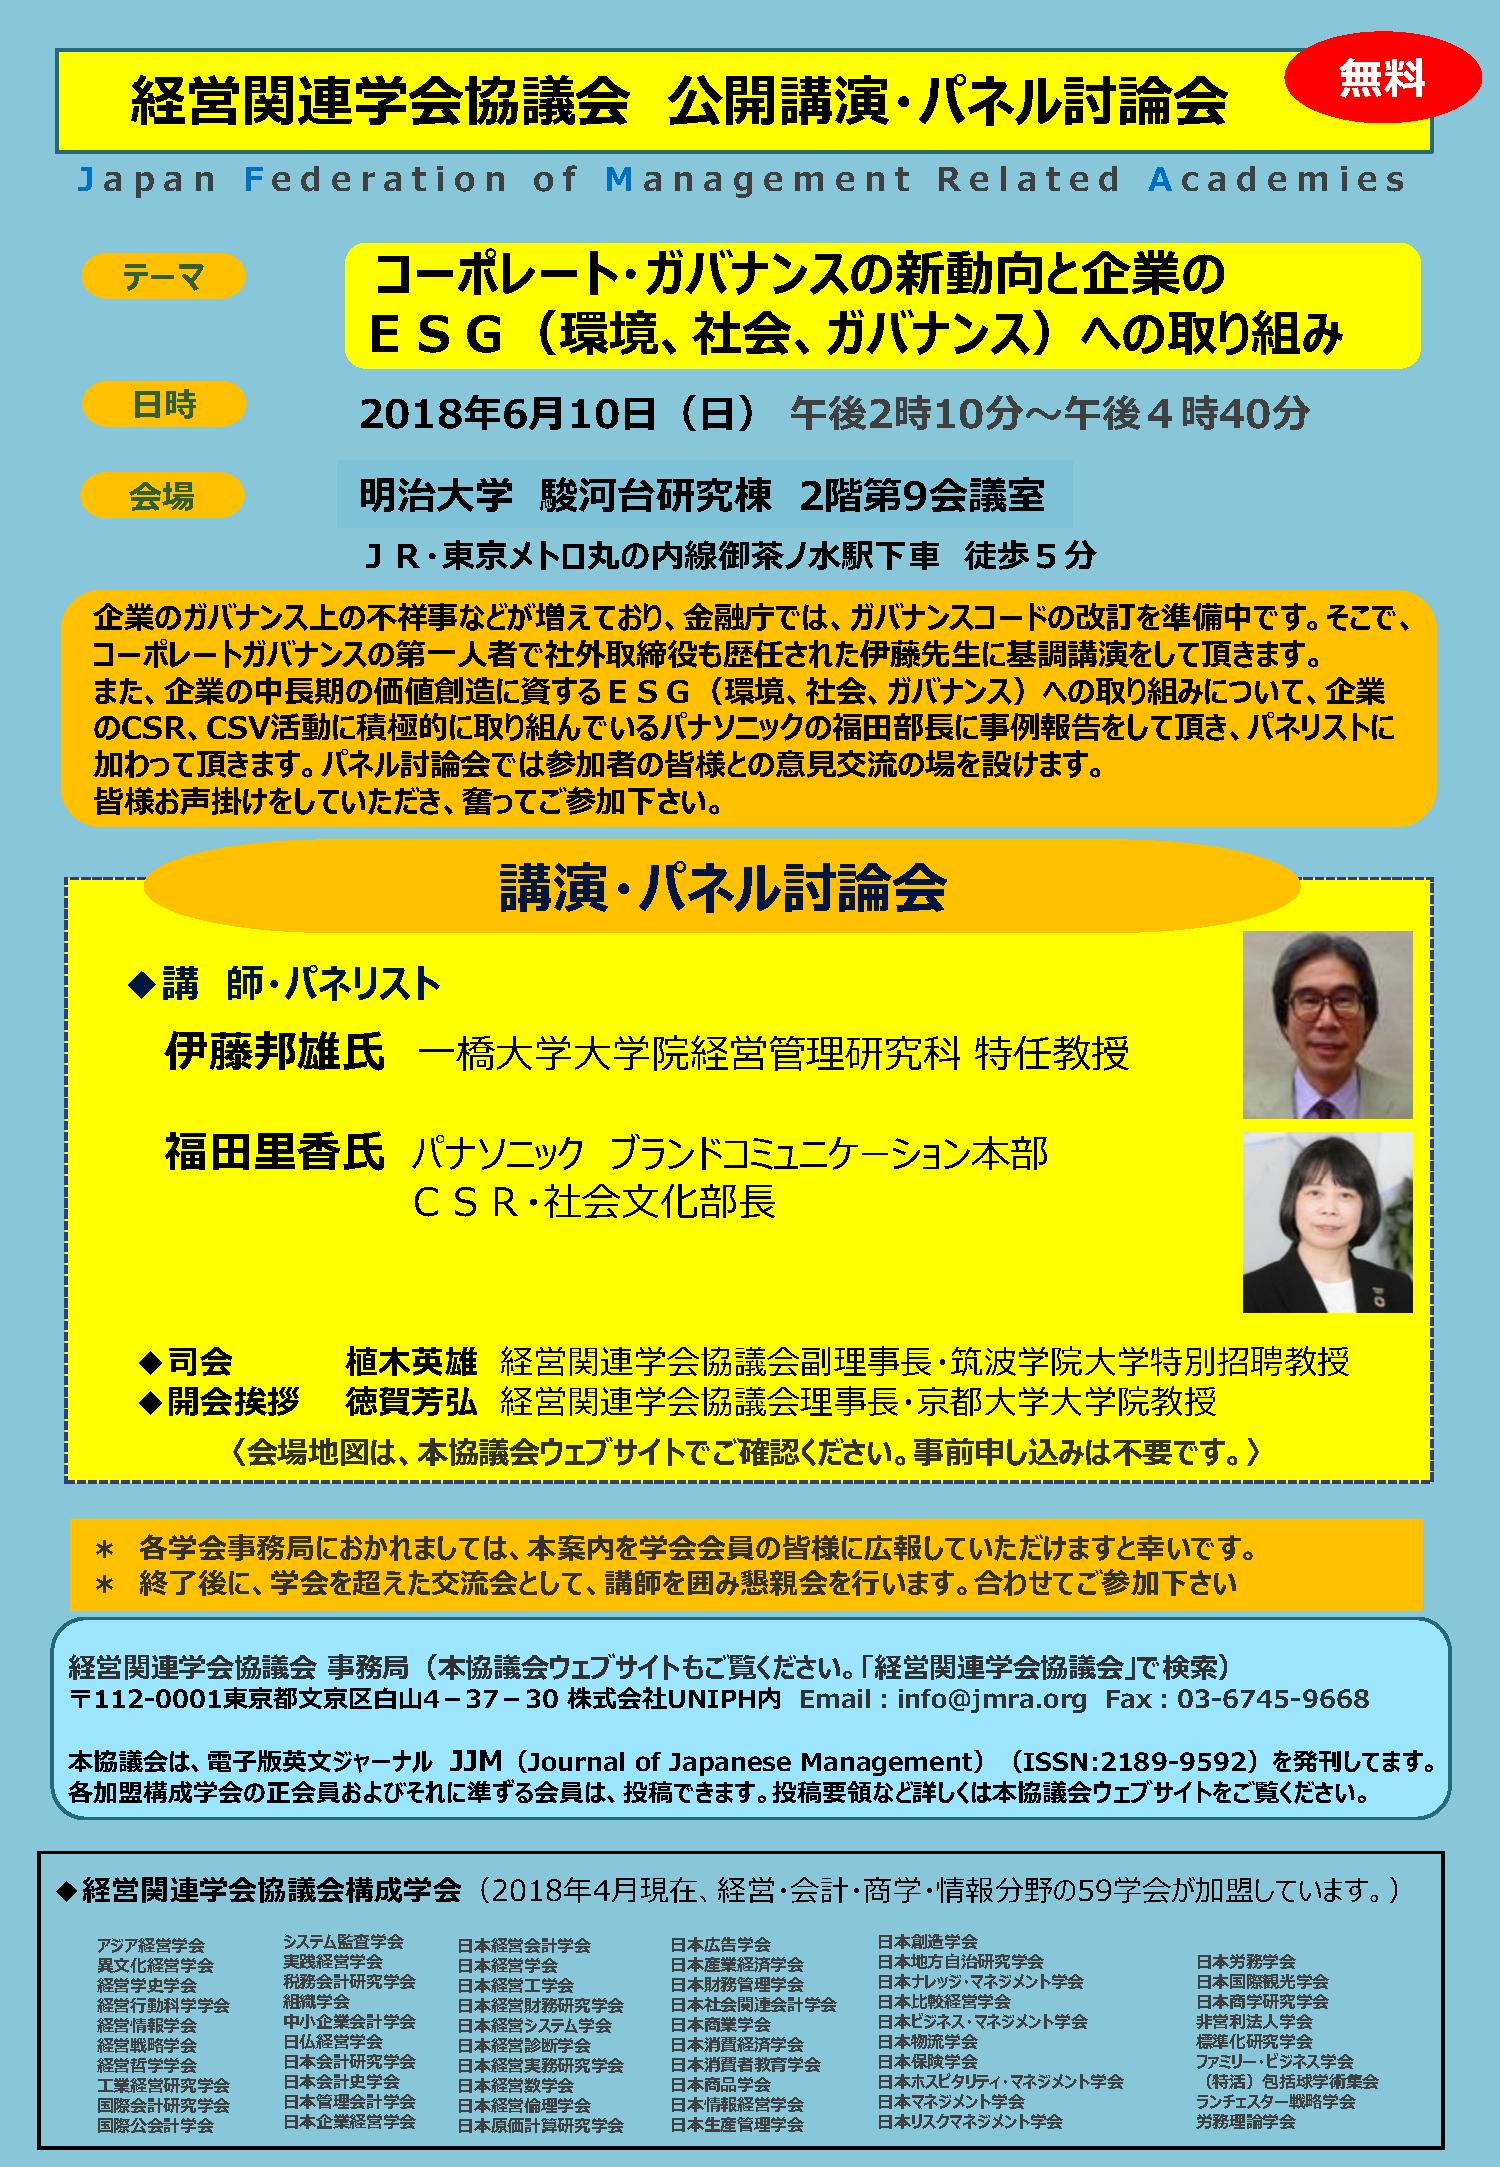 2018年6月10日公開講演・パネル討論会